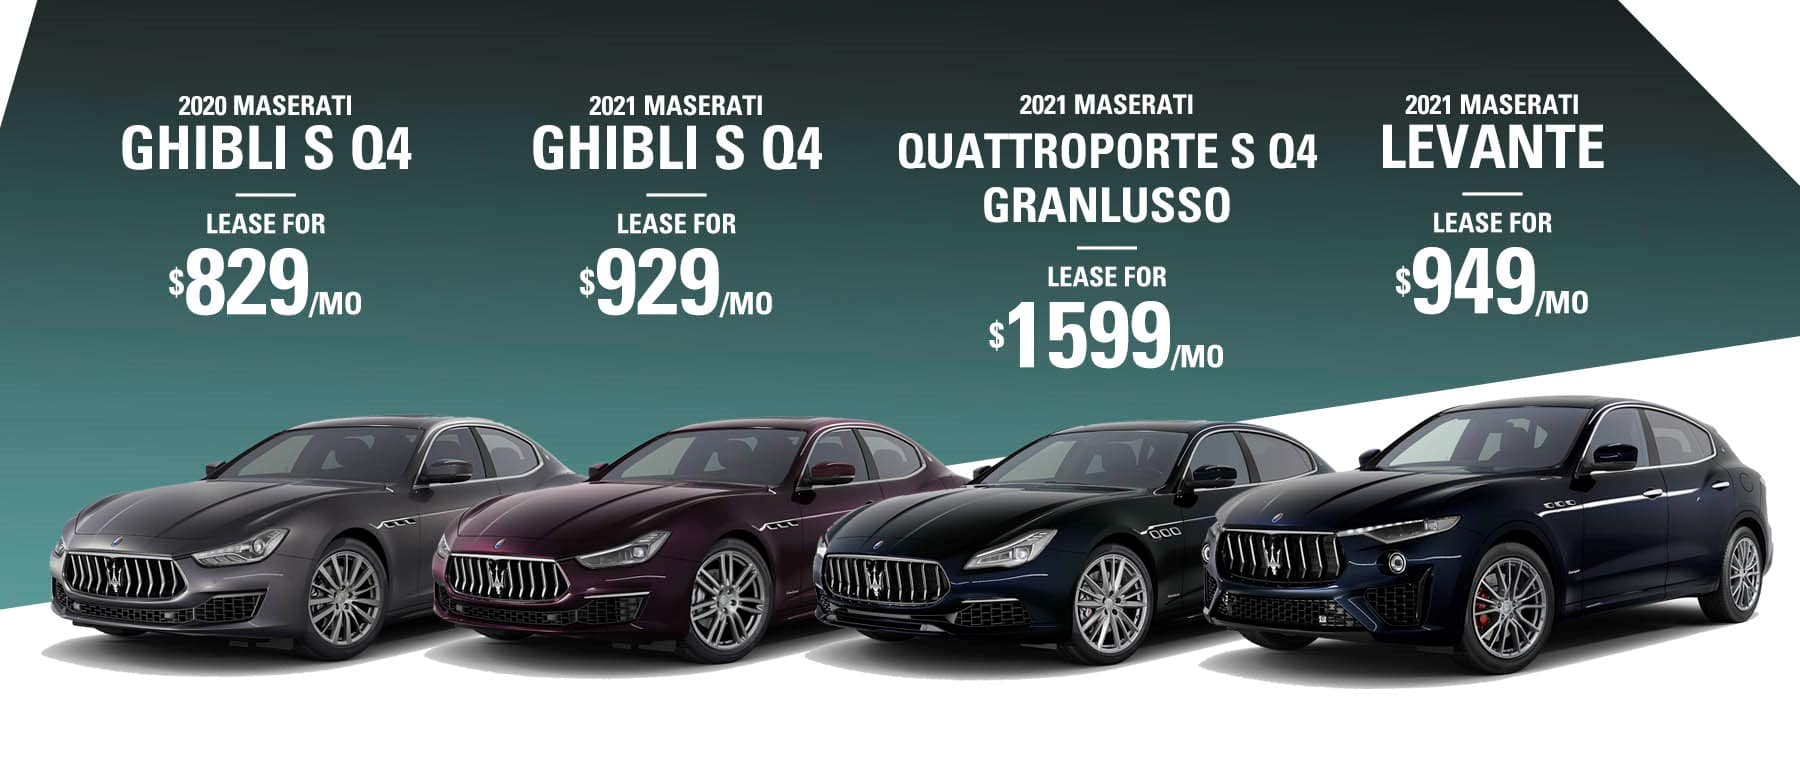 Maserati Lease offers at Maserati of Long Island